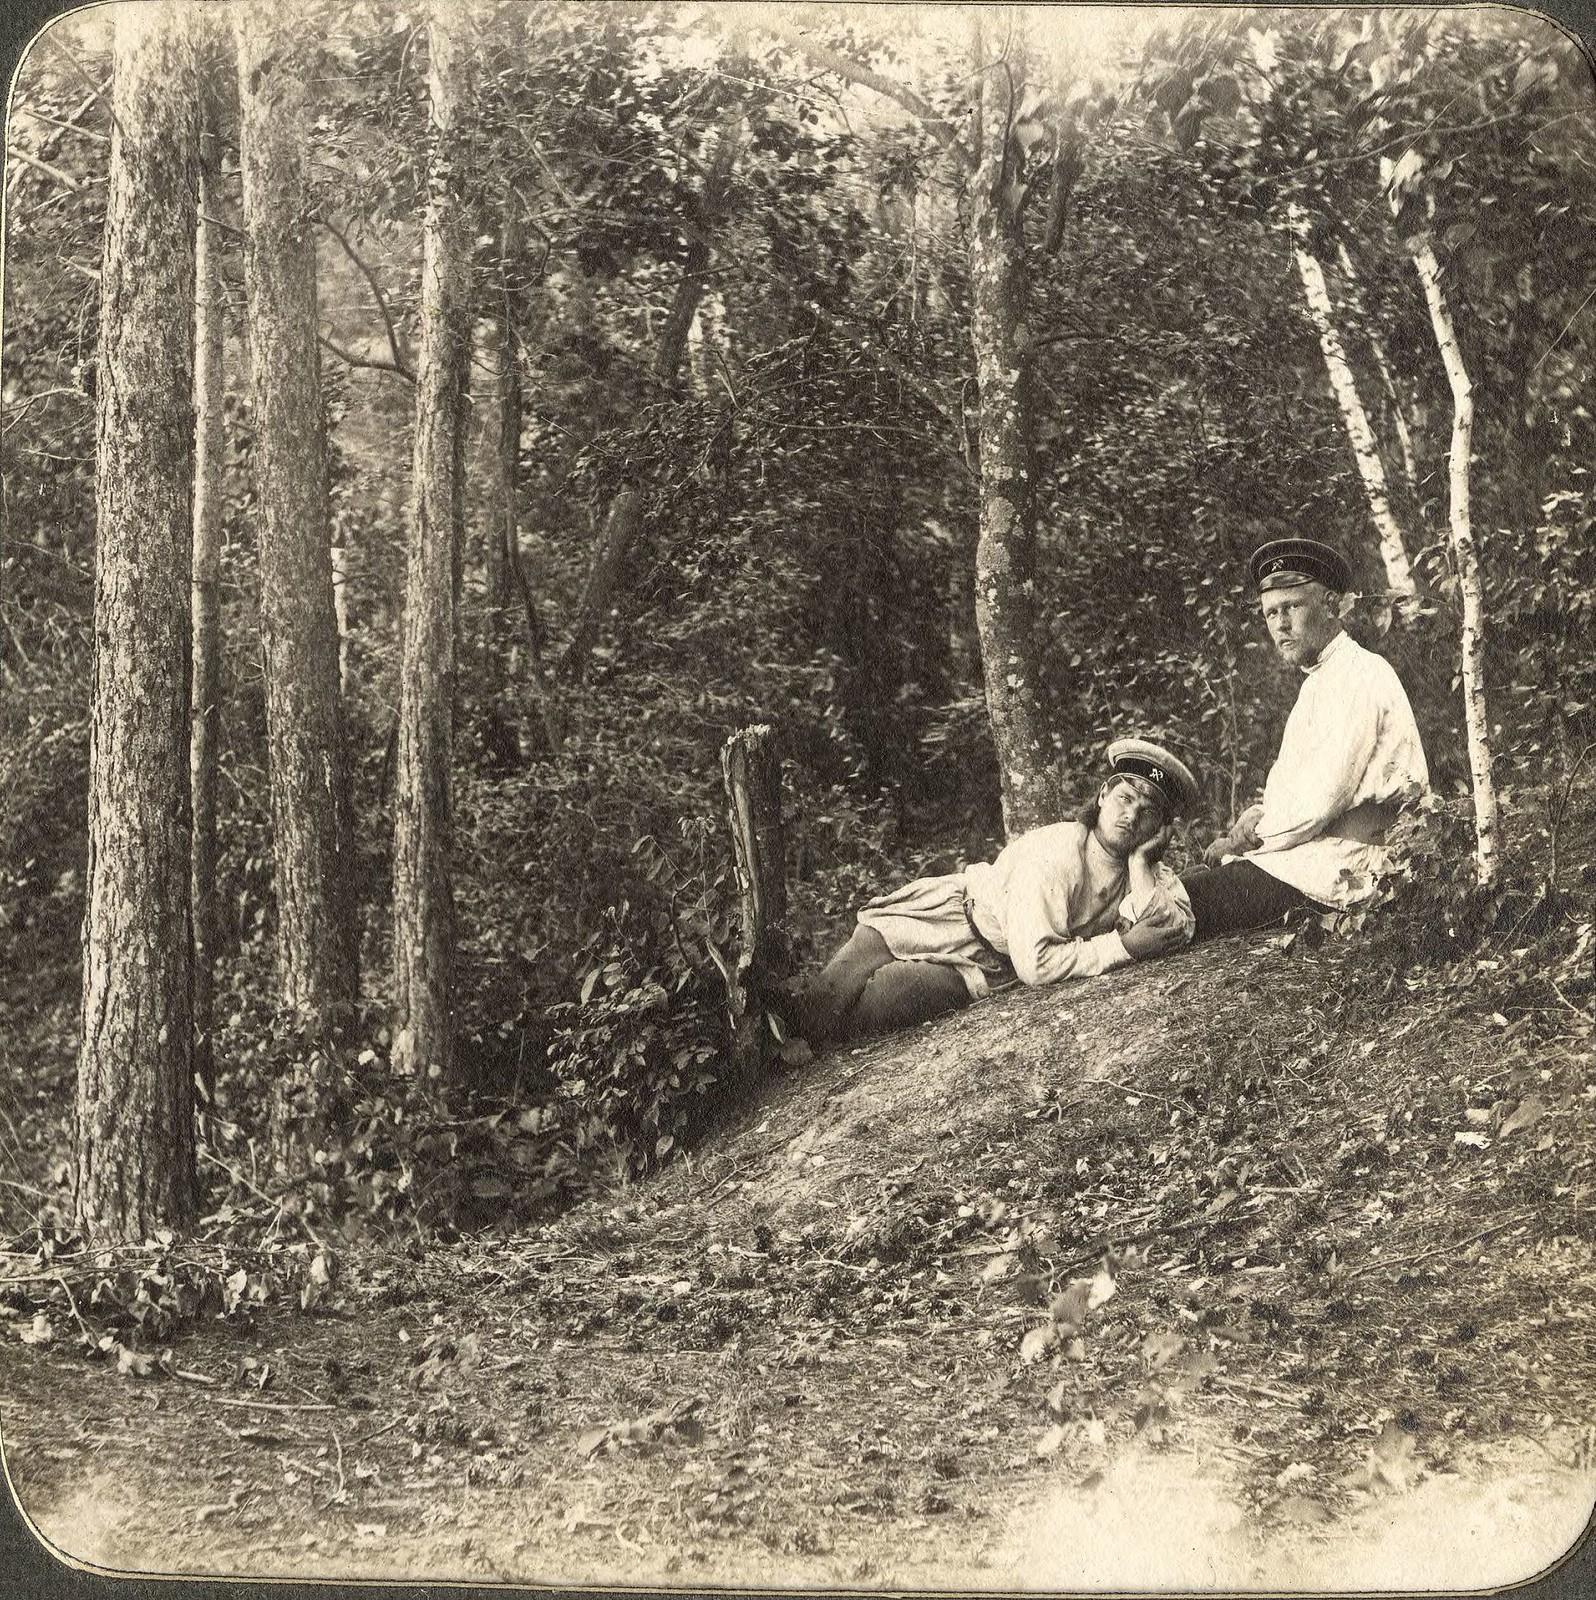 Инженеры-изыскатели Н.Н.Вылежинский и А.М.Вихман на отдыхе в лесу